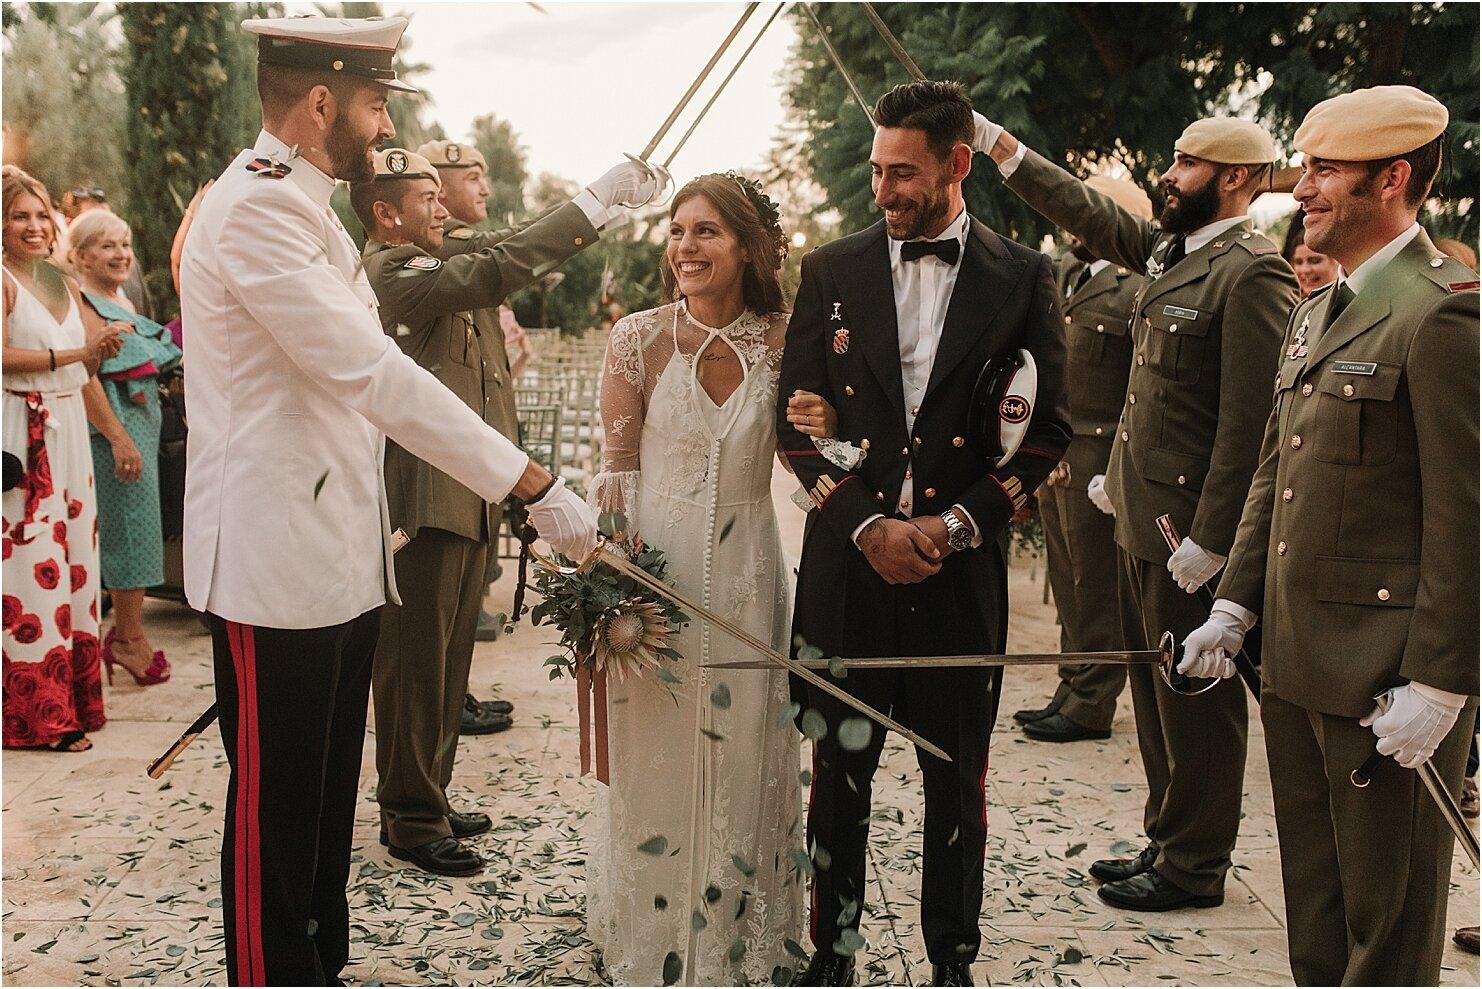 boda-romantica-boda-boho-vestido-de-novia-laura-lomas41.jpg